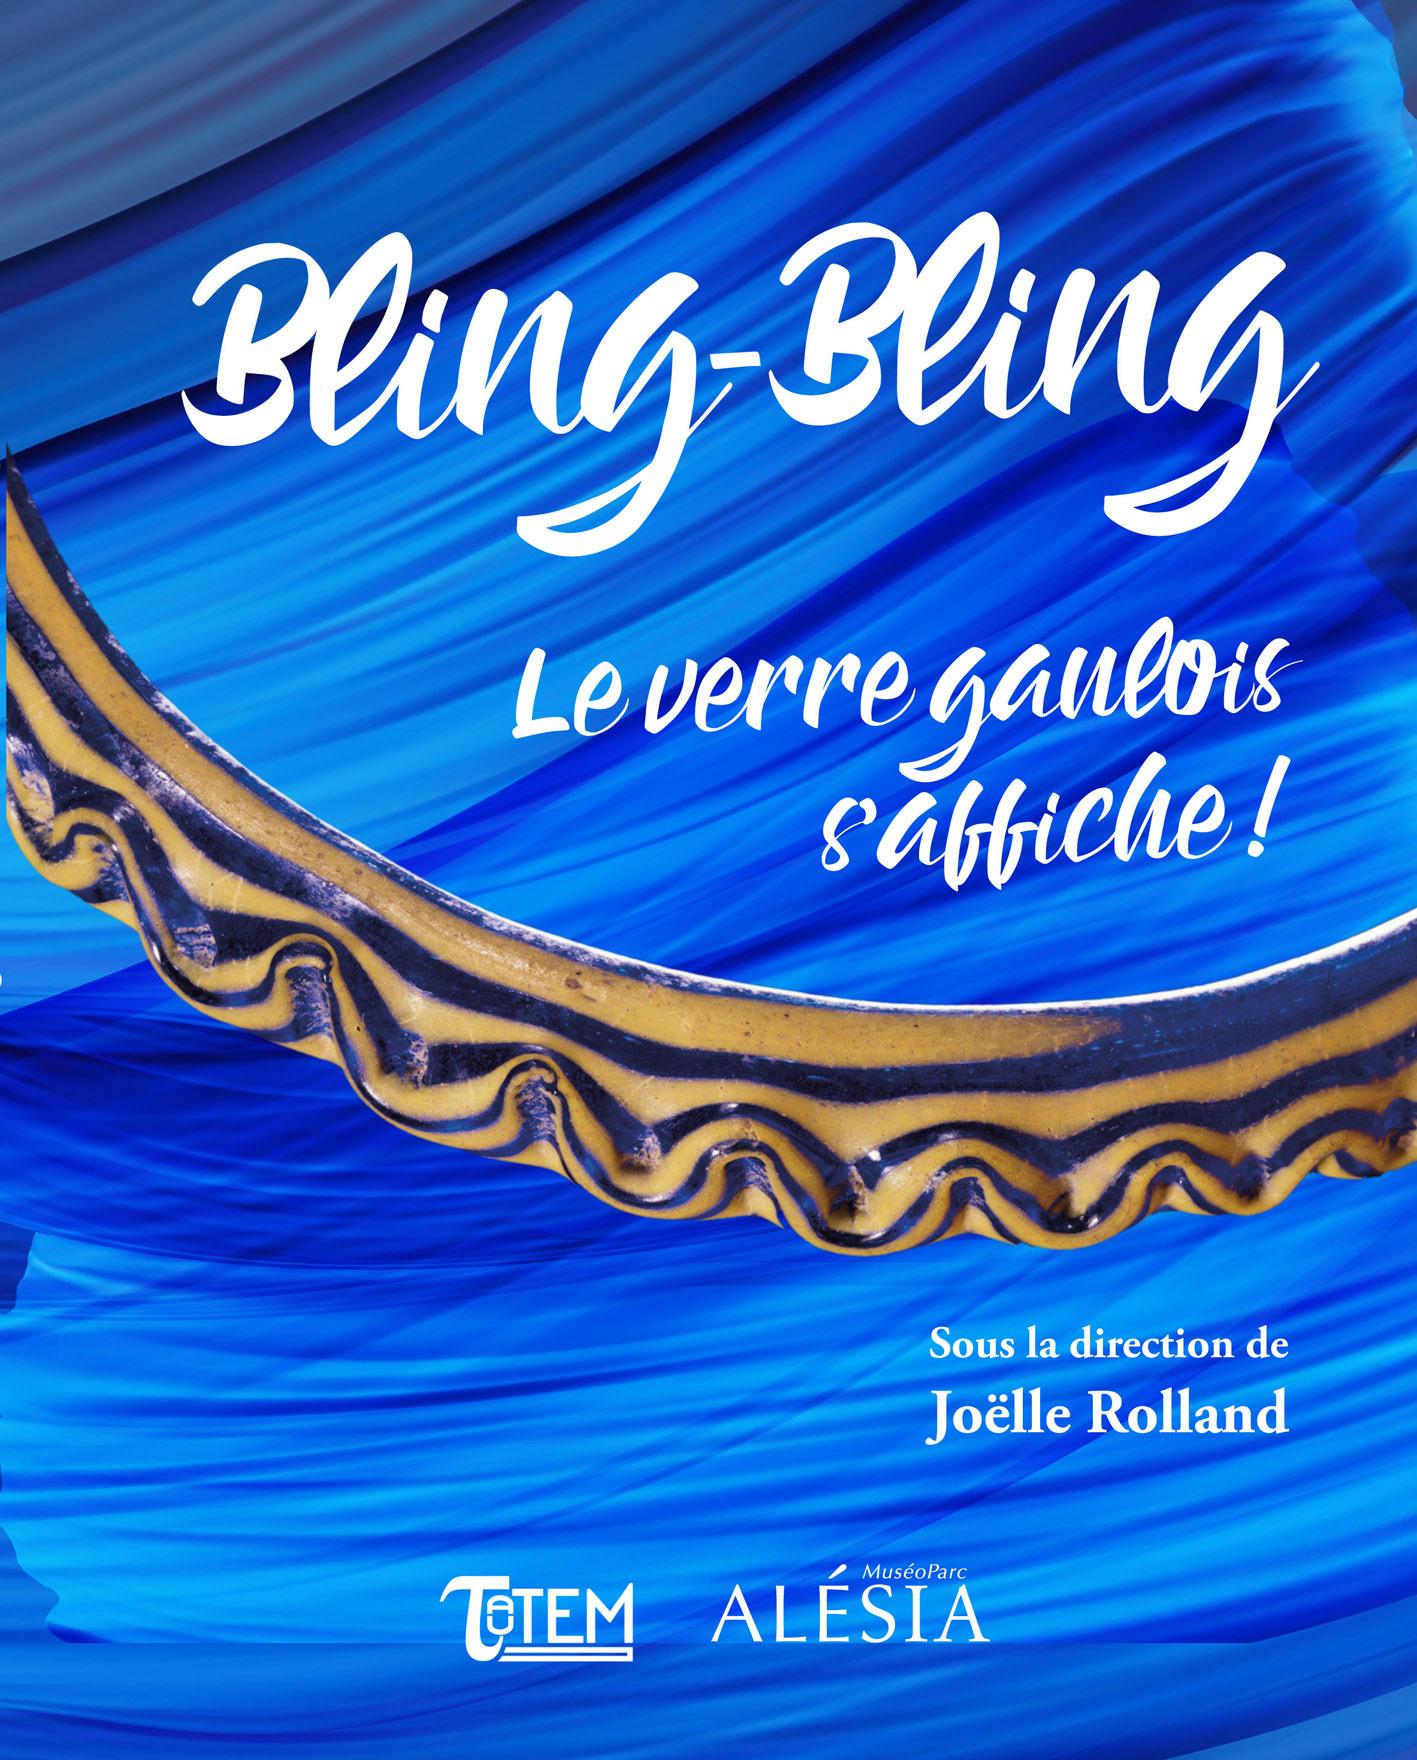 BLING-BLING LE VERRE GAULOIS